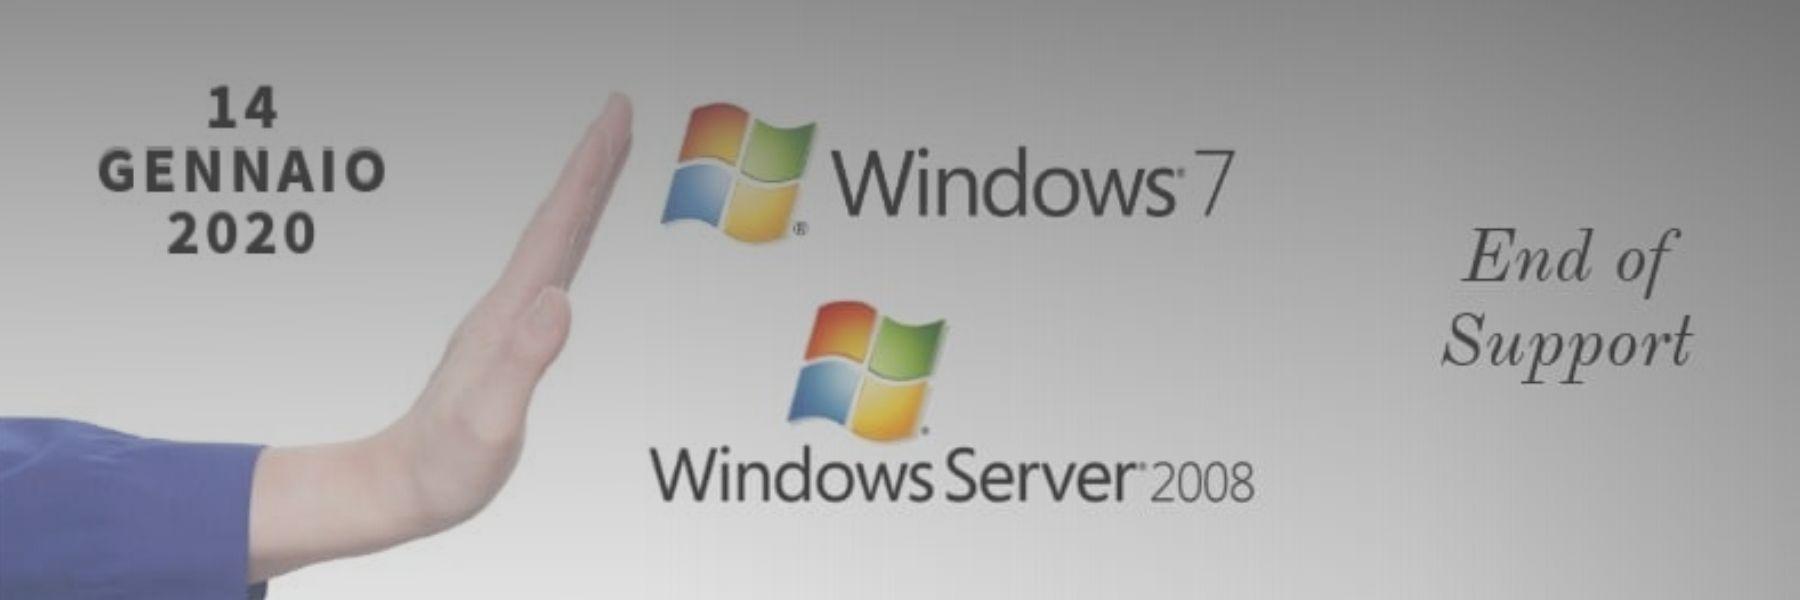 Fine del Supporto Microsoft per Windows 7 e Windows Server 2008